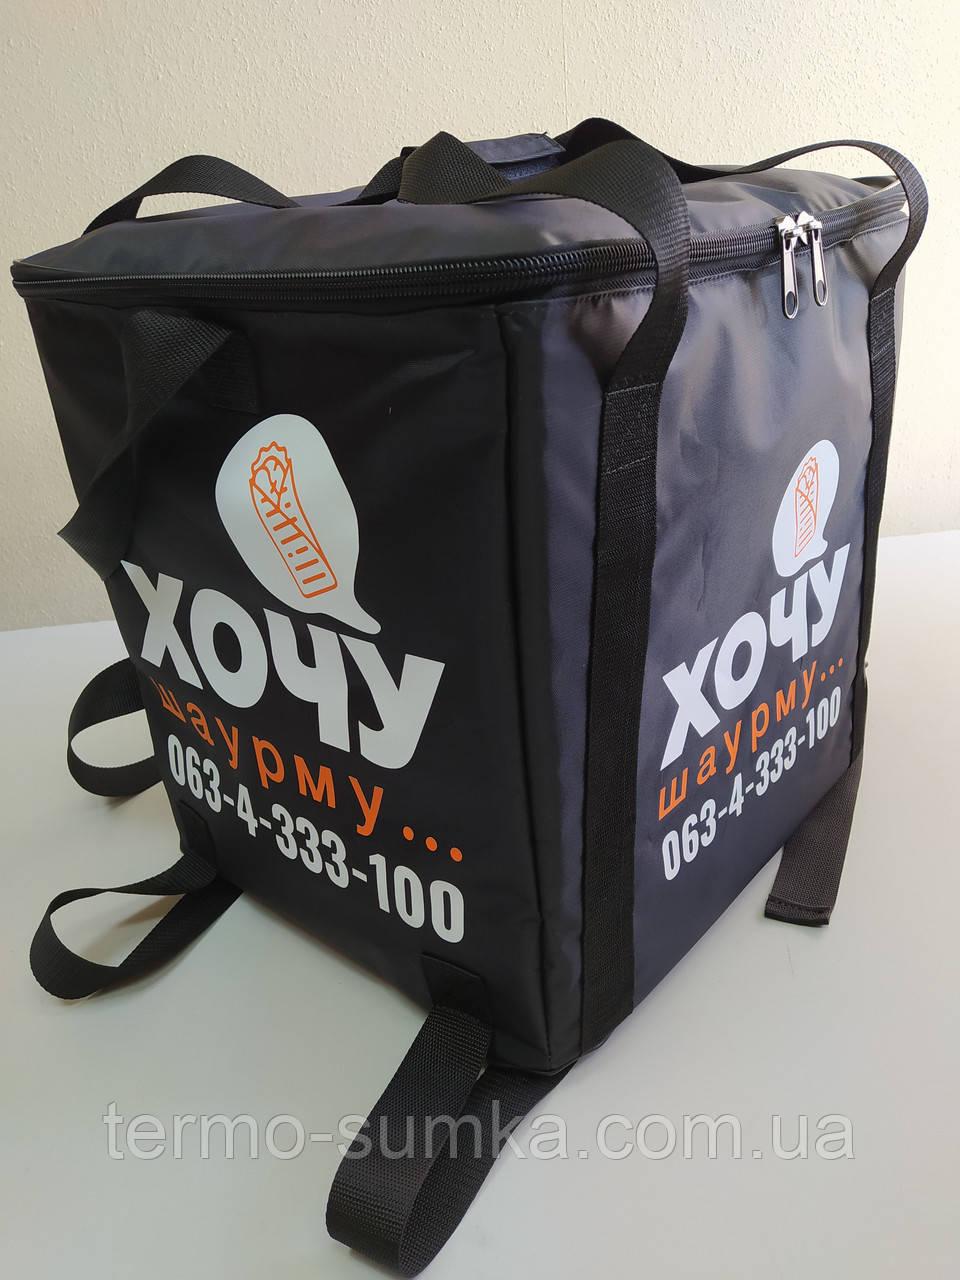 Сумка для доставки їжі з кріпленнями на багажник. Термосумка для доставки страв, суші, напоїв